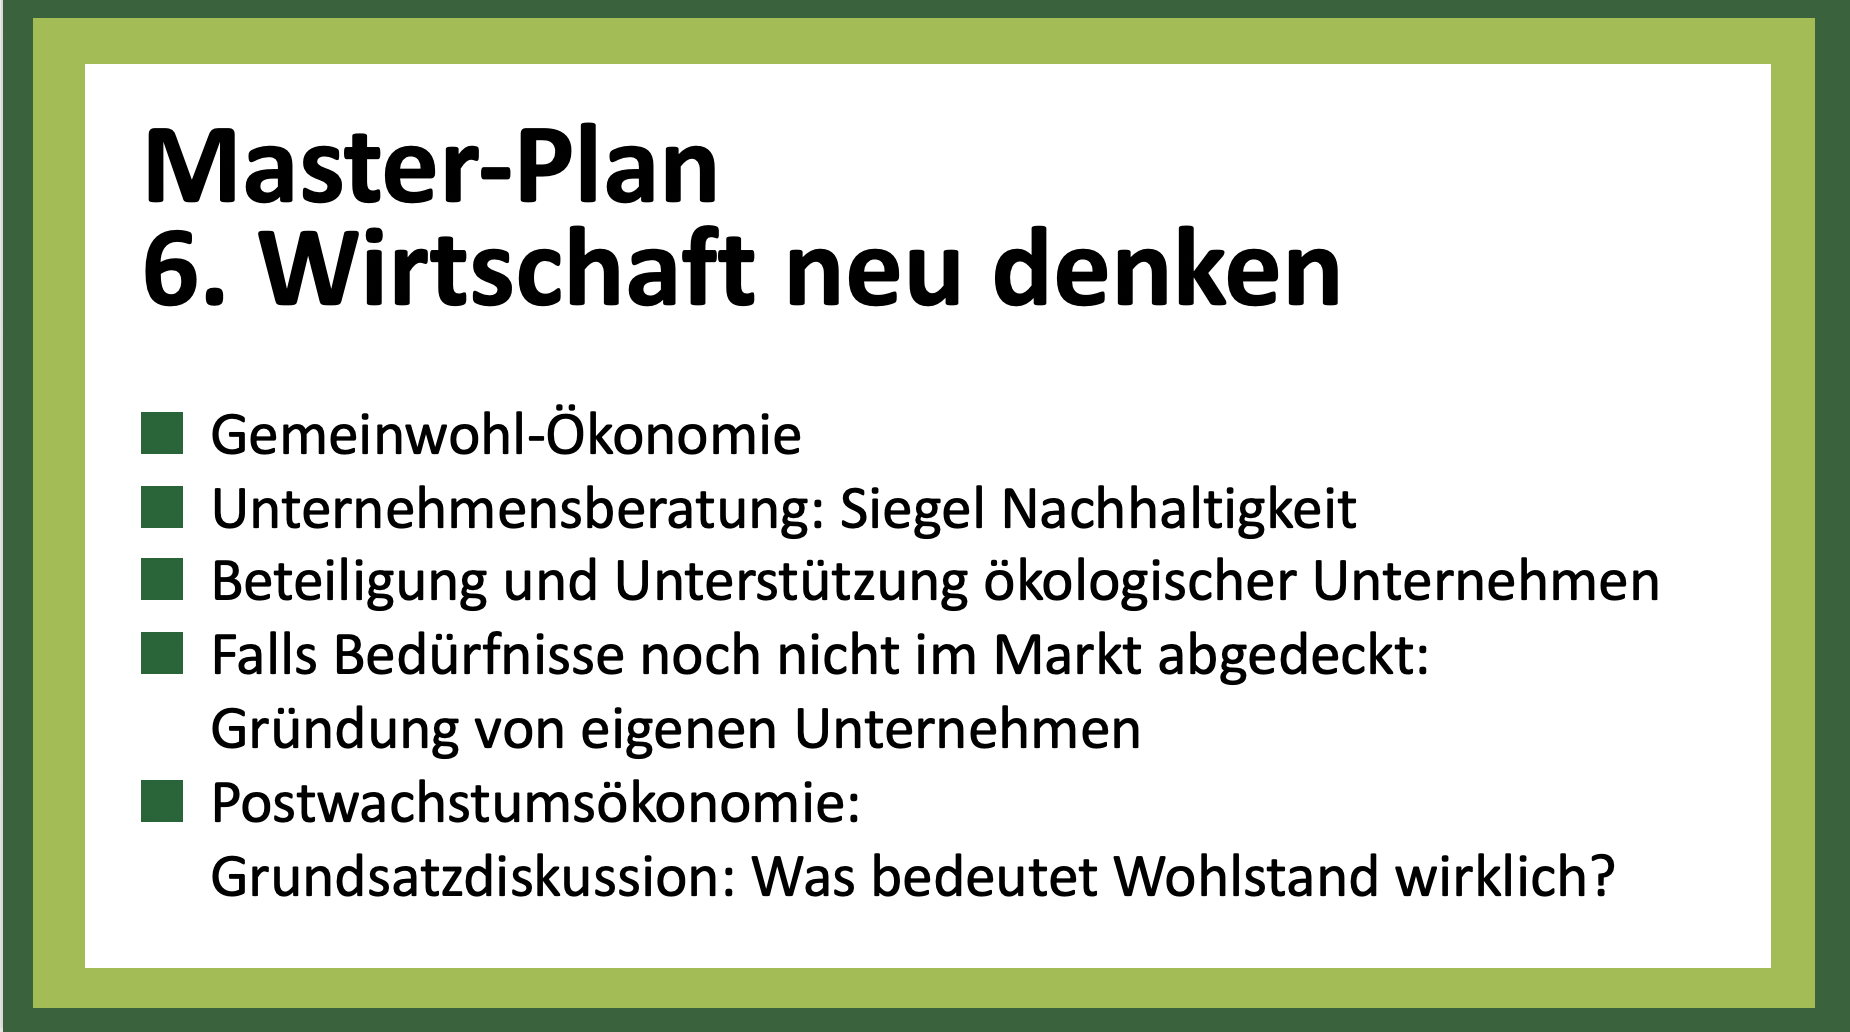 Master-Plan 6